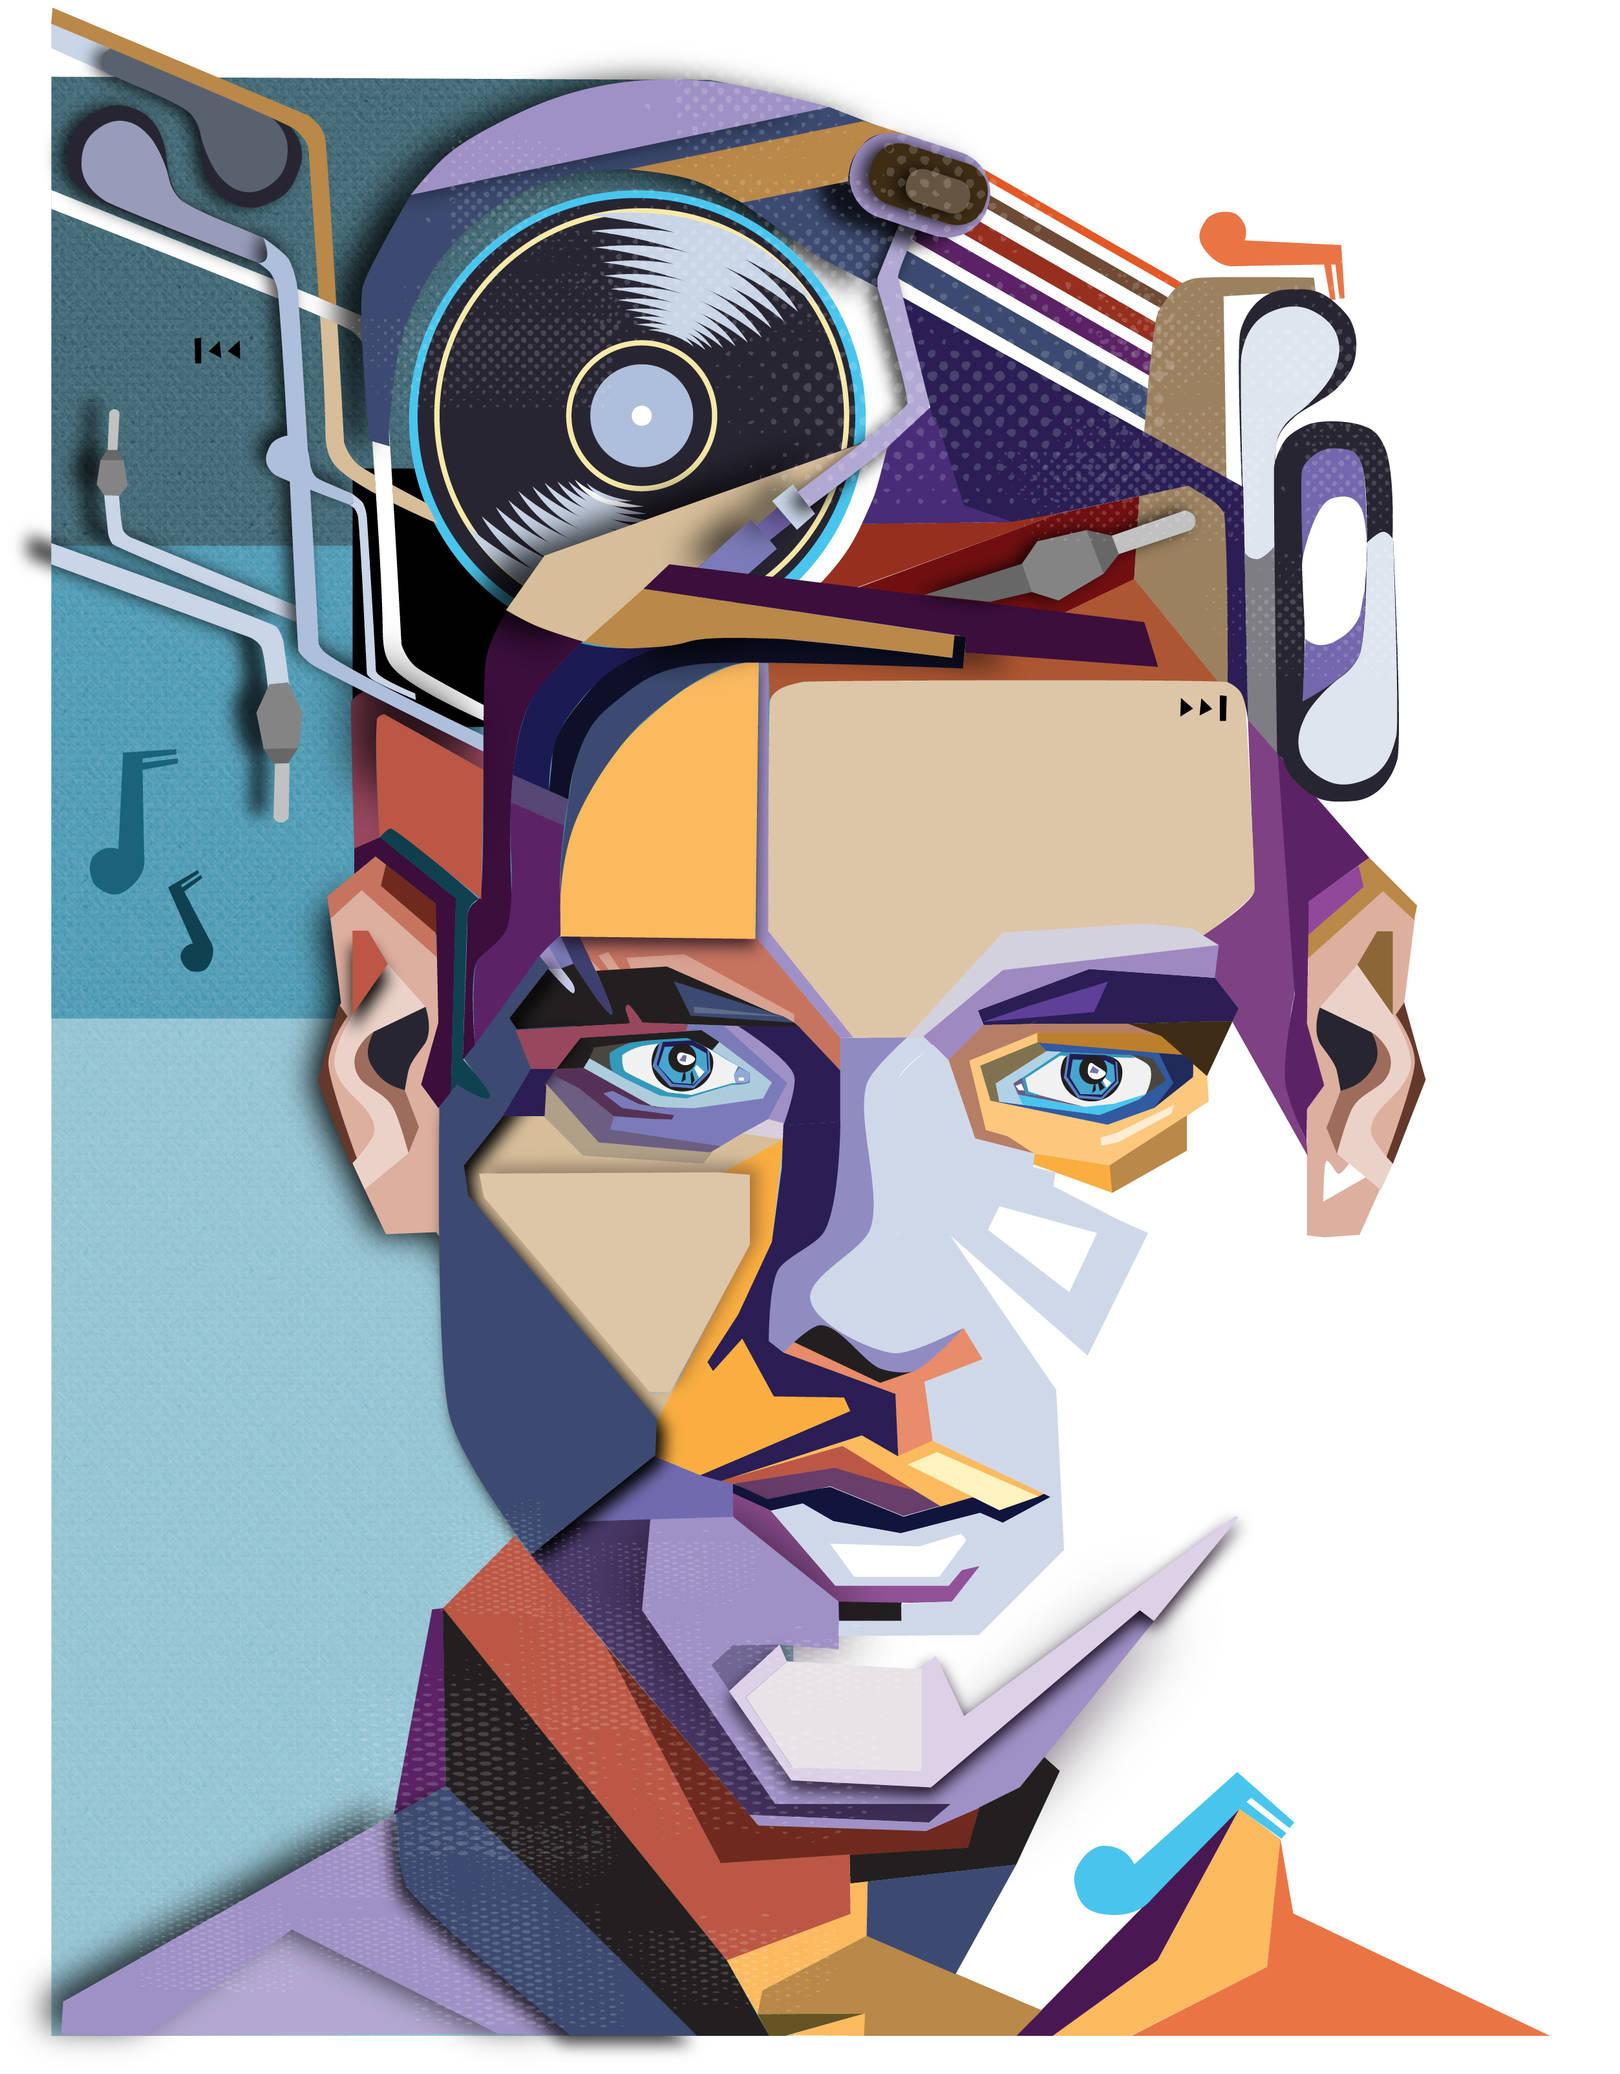 Обложка музыкального журнала. Работа выполнена в векторной программе